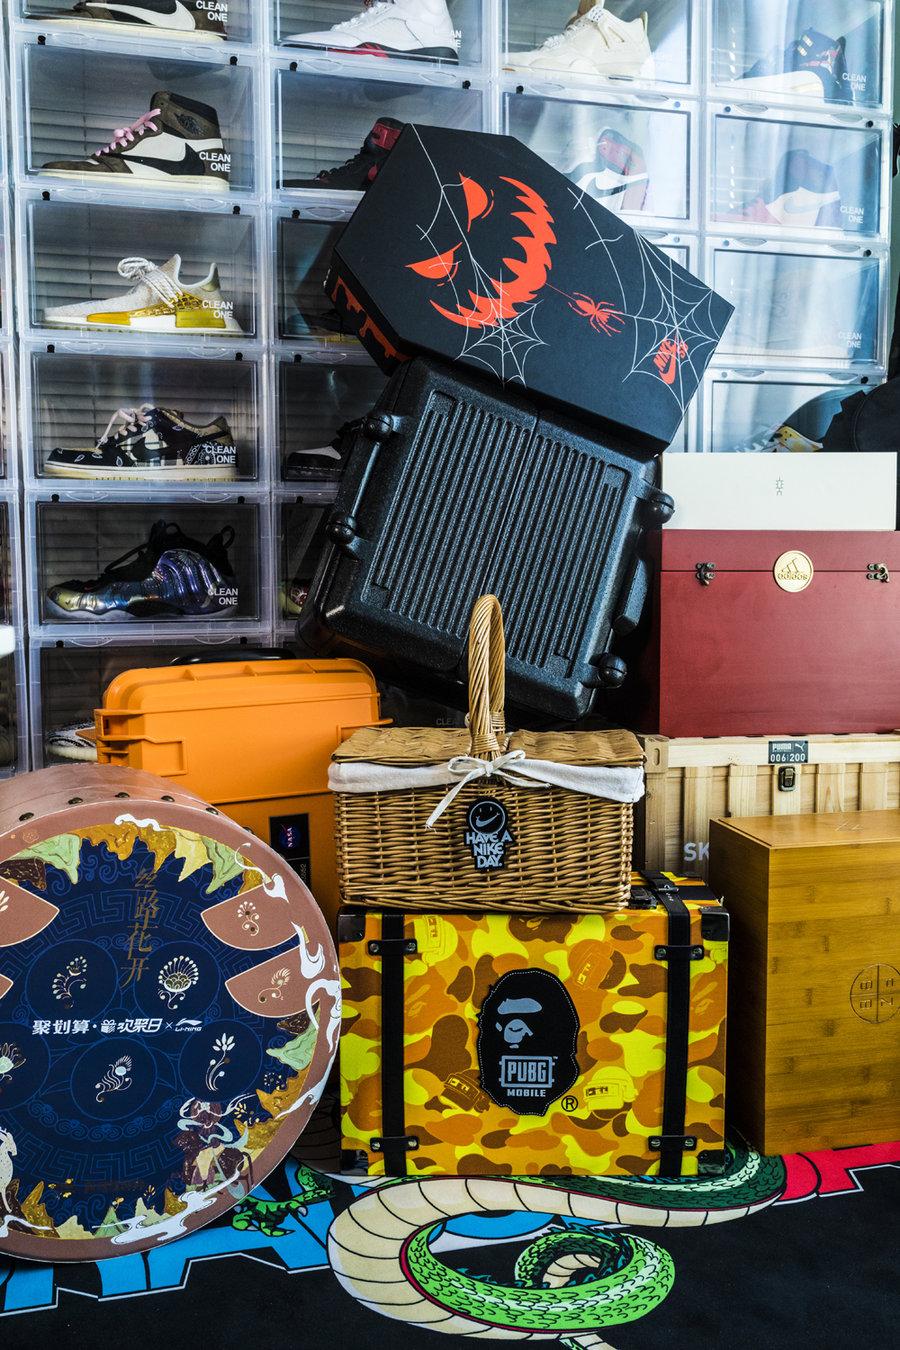 开箱,个,特殊,球鞋,礼盒,亲友,限定,第一个,  开箱 10 个特殊球鞋礼盒 + 亲友限定!第一个你就没见过!